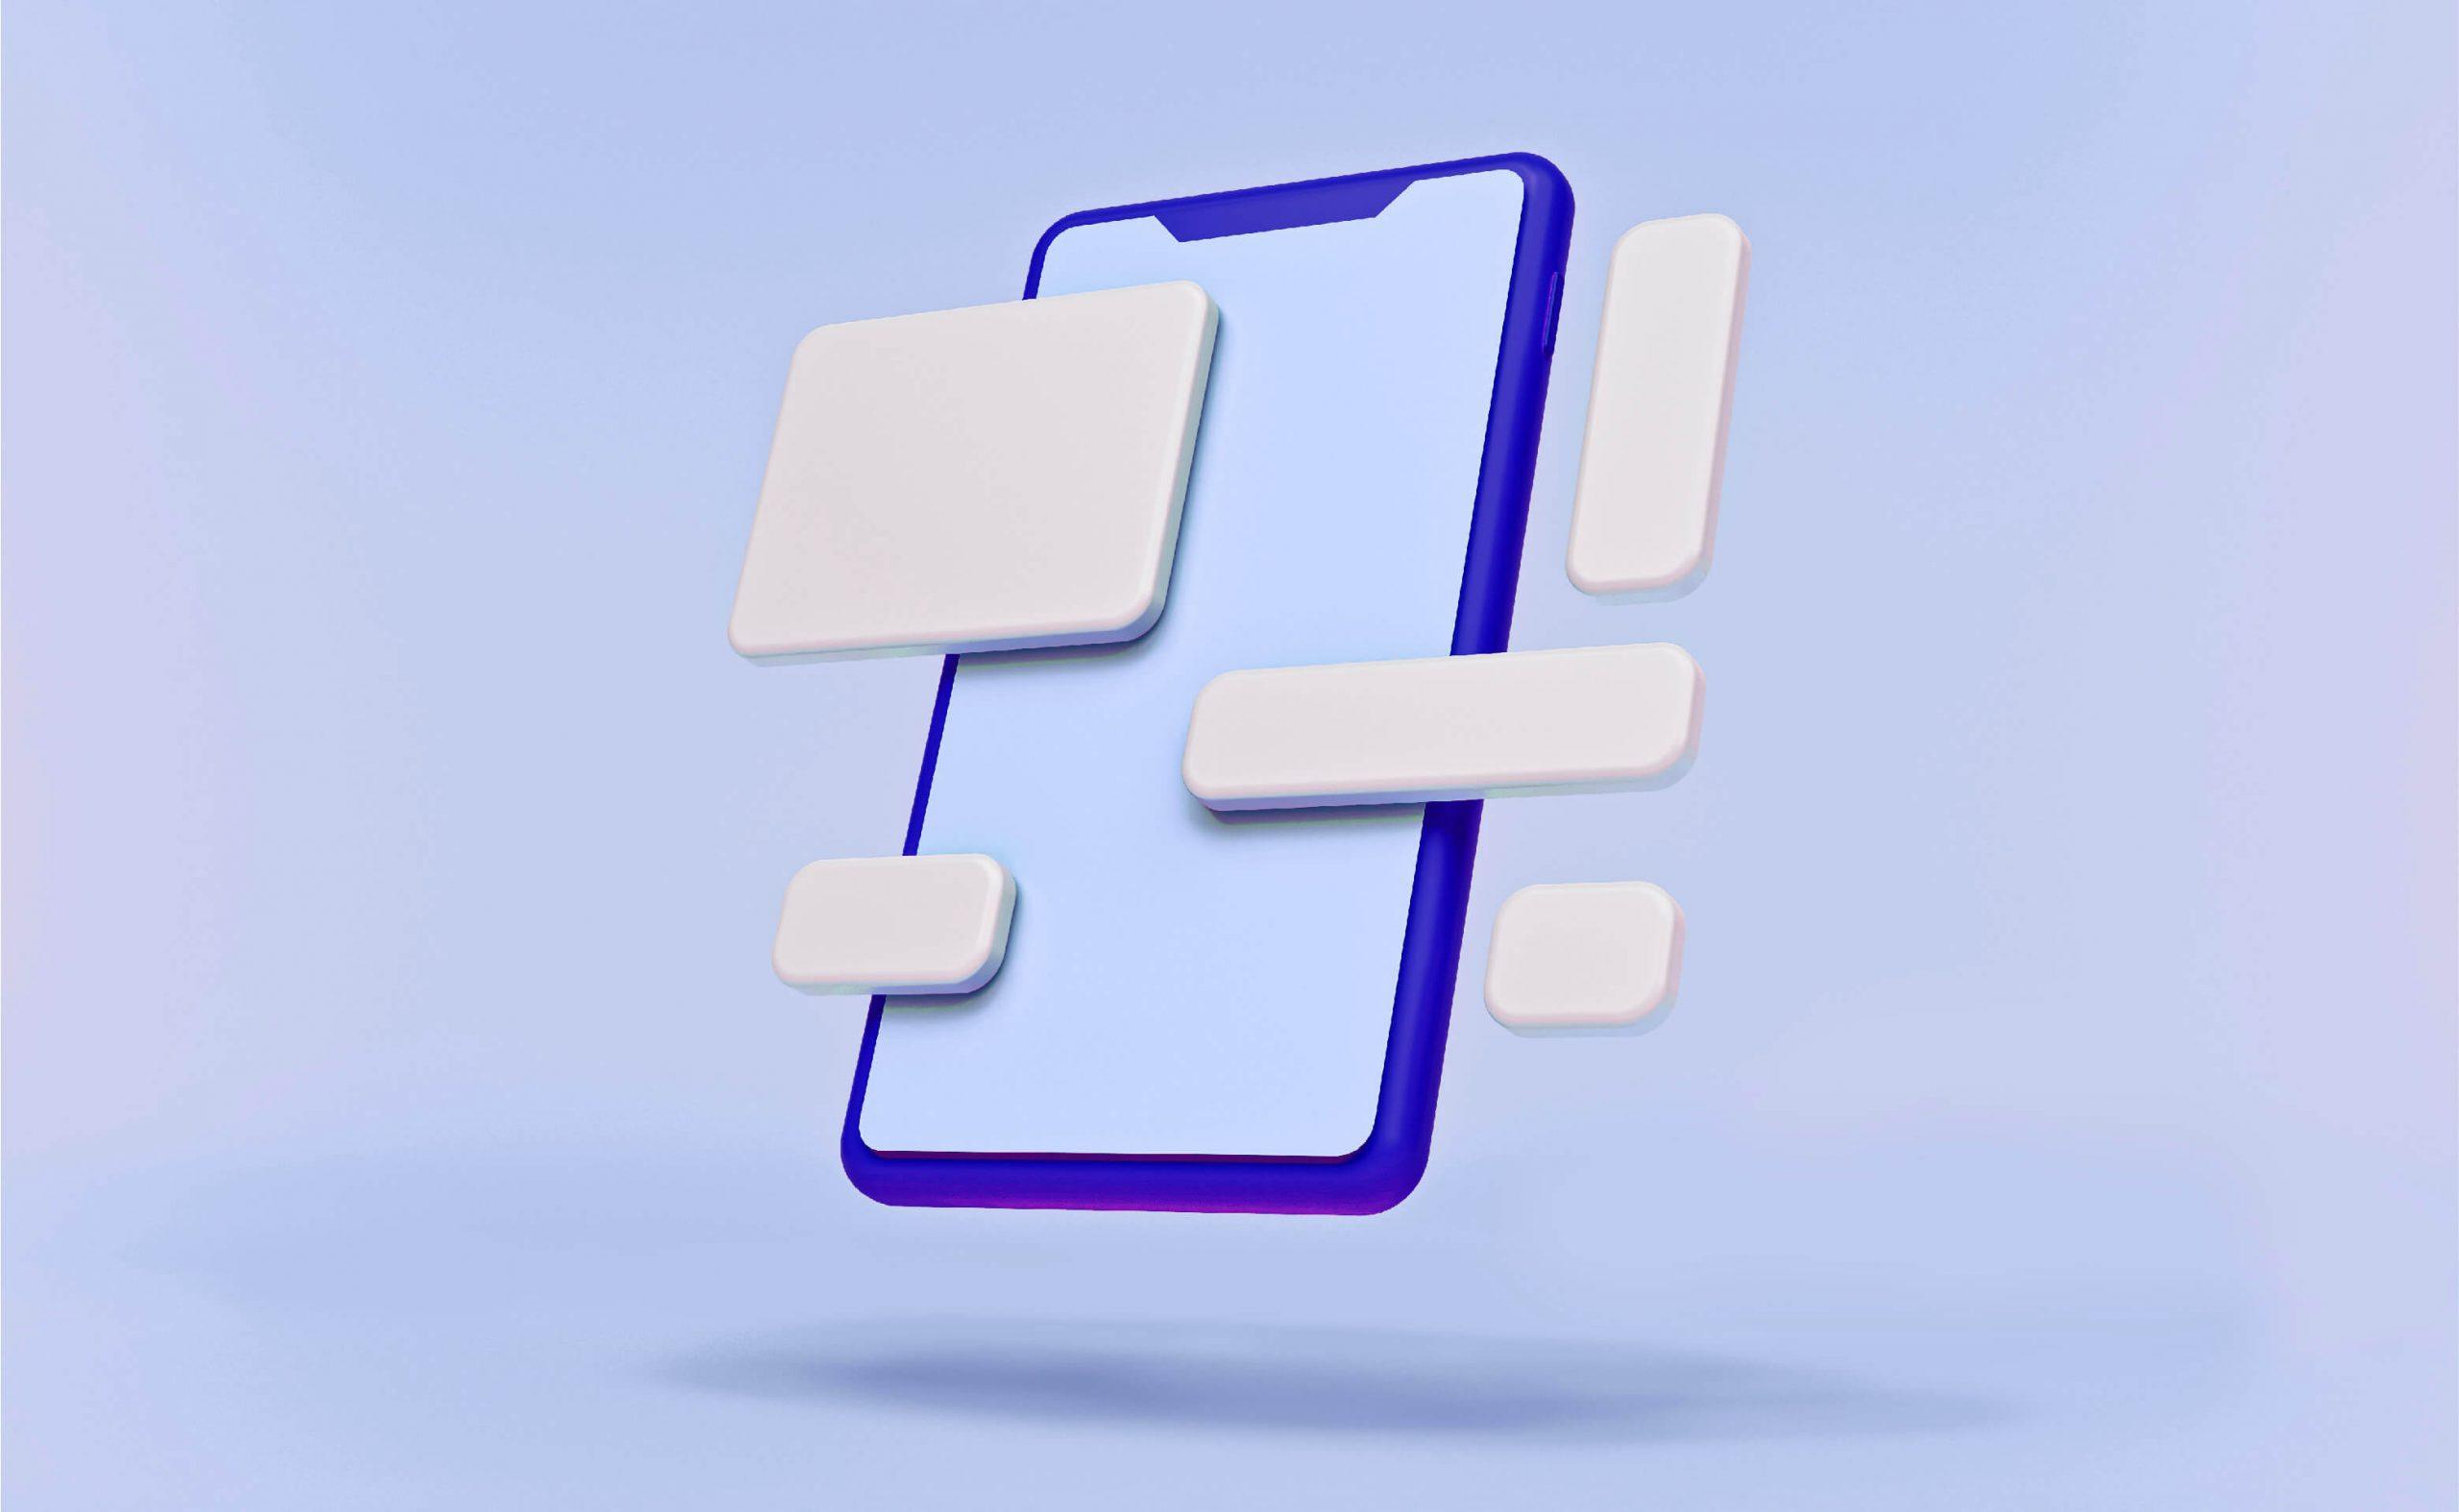 Les meilleures solutions d'accessibilité au Web pour les appareils mobiles